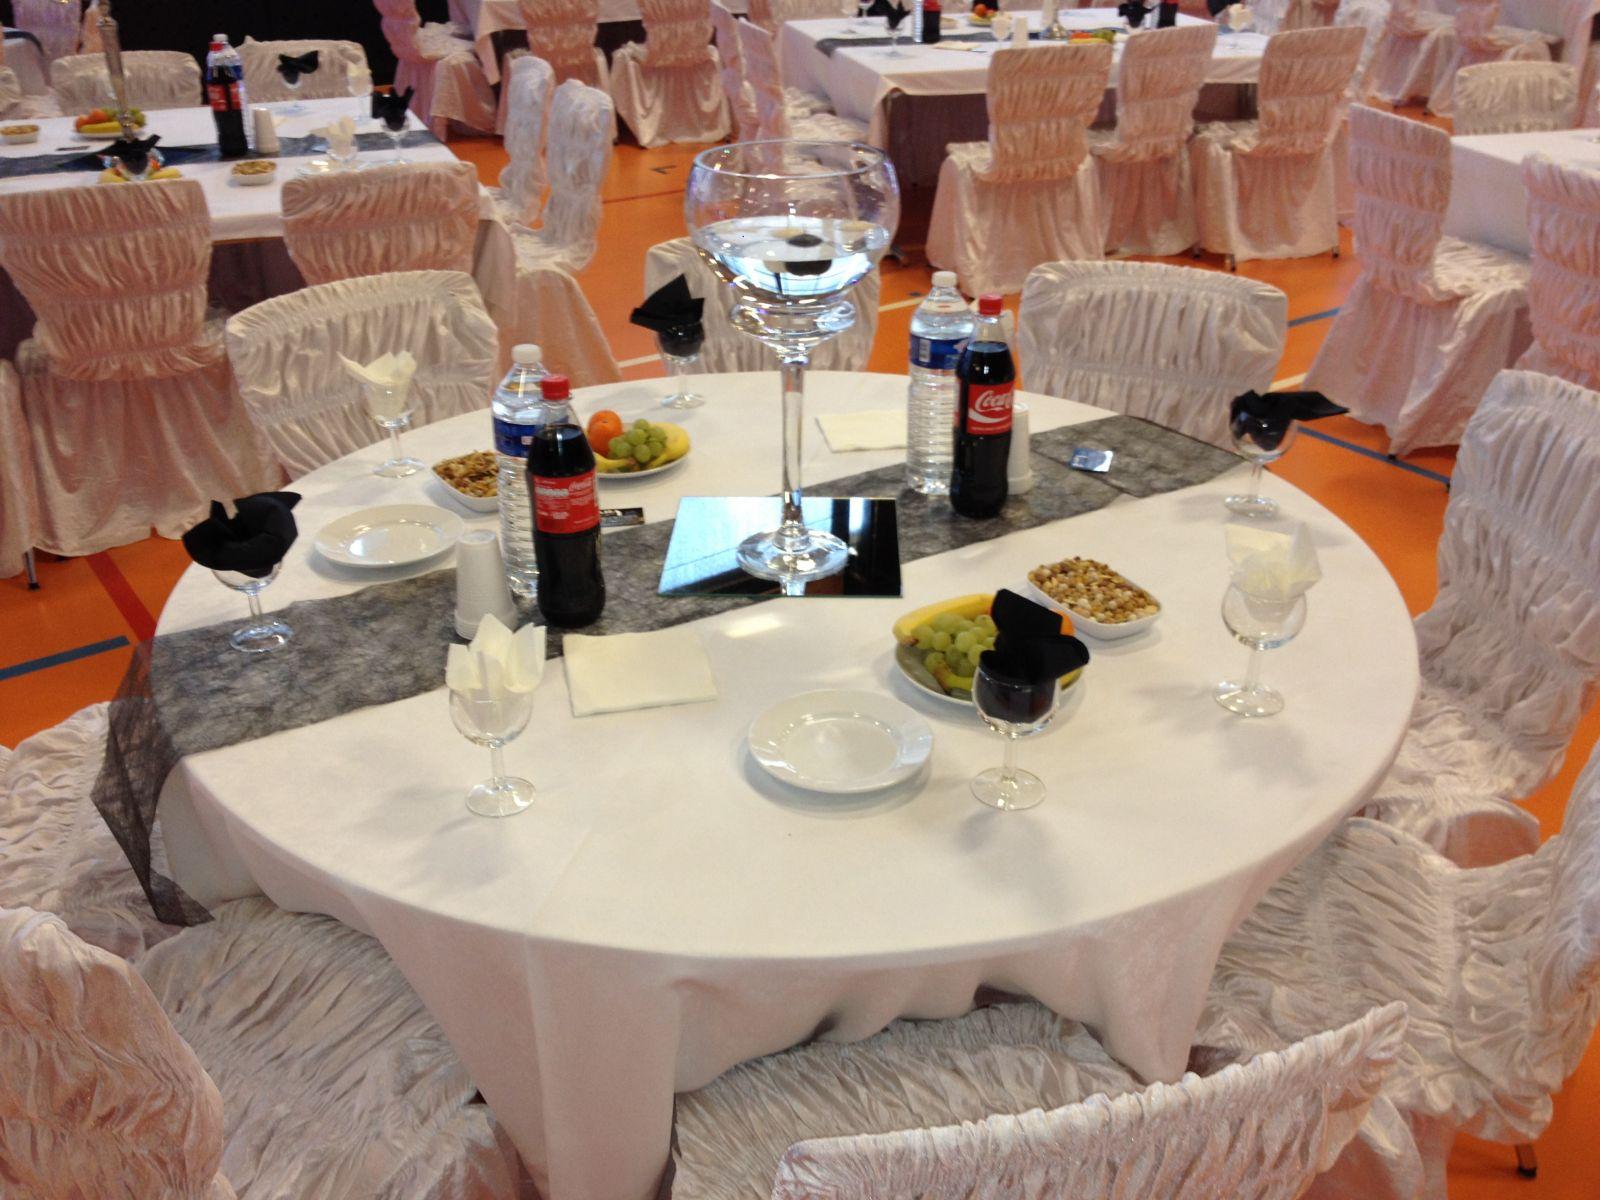 Id et photo d coration mariage decoration salle mariage - Decoration de table ronde pour mariage ...